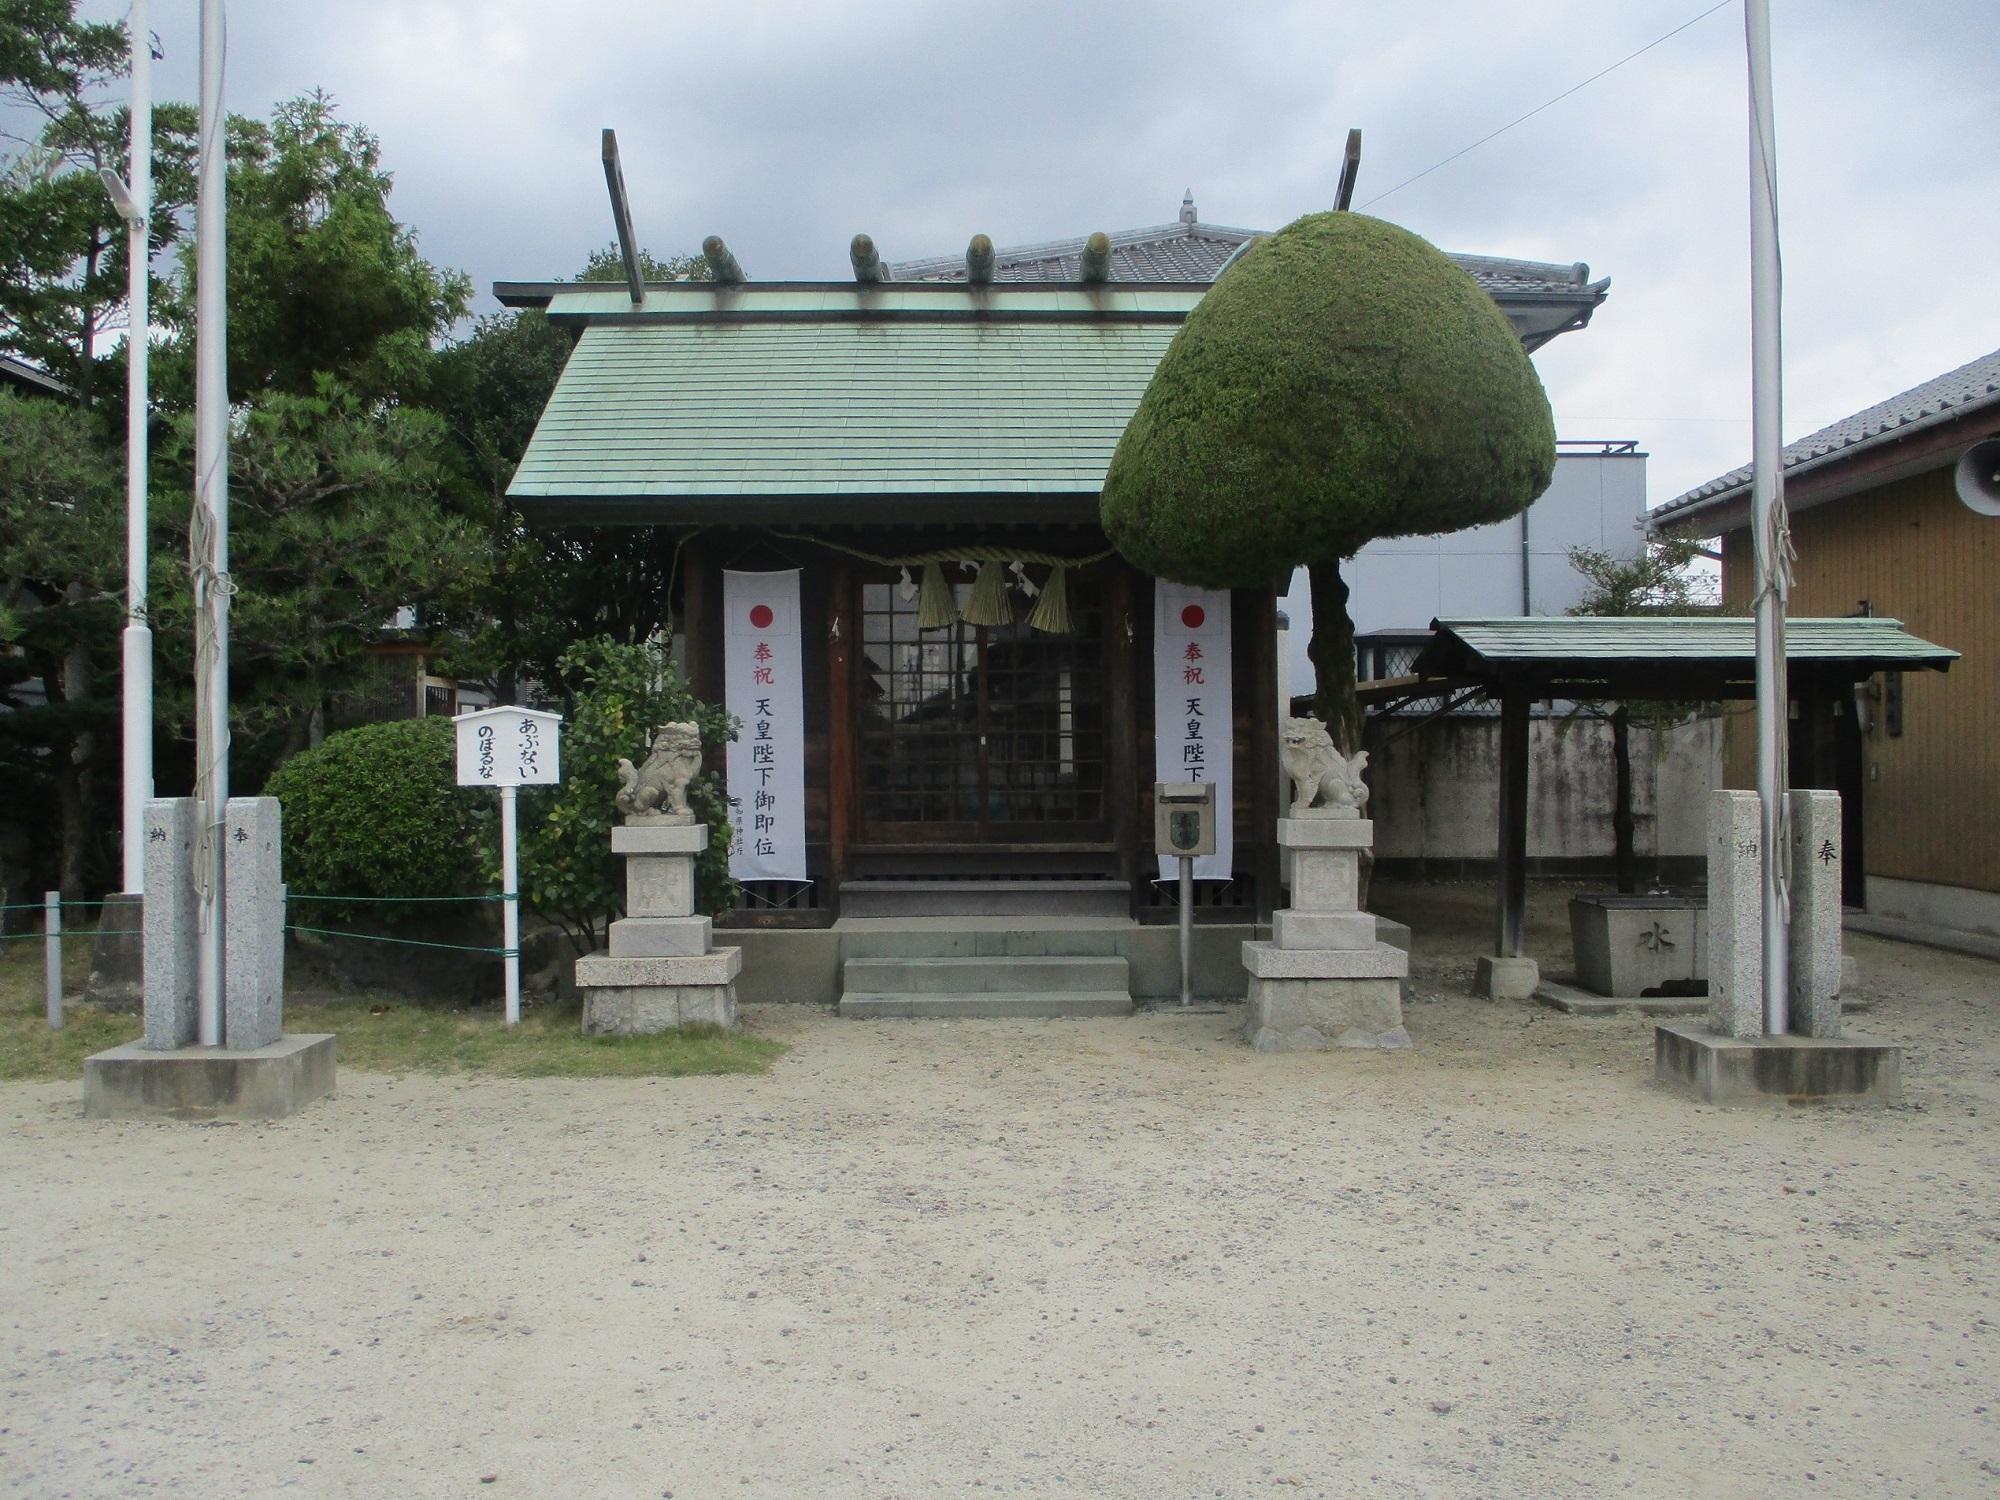 2019.10.7 (26) 矢作五区 - 竊樹神社本殿 2000-1500